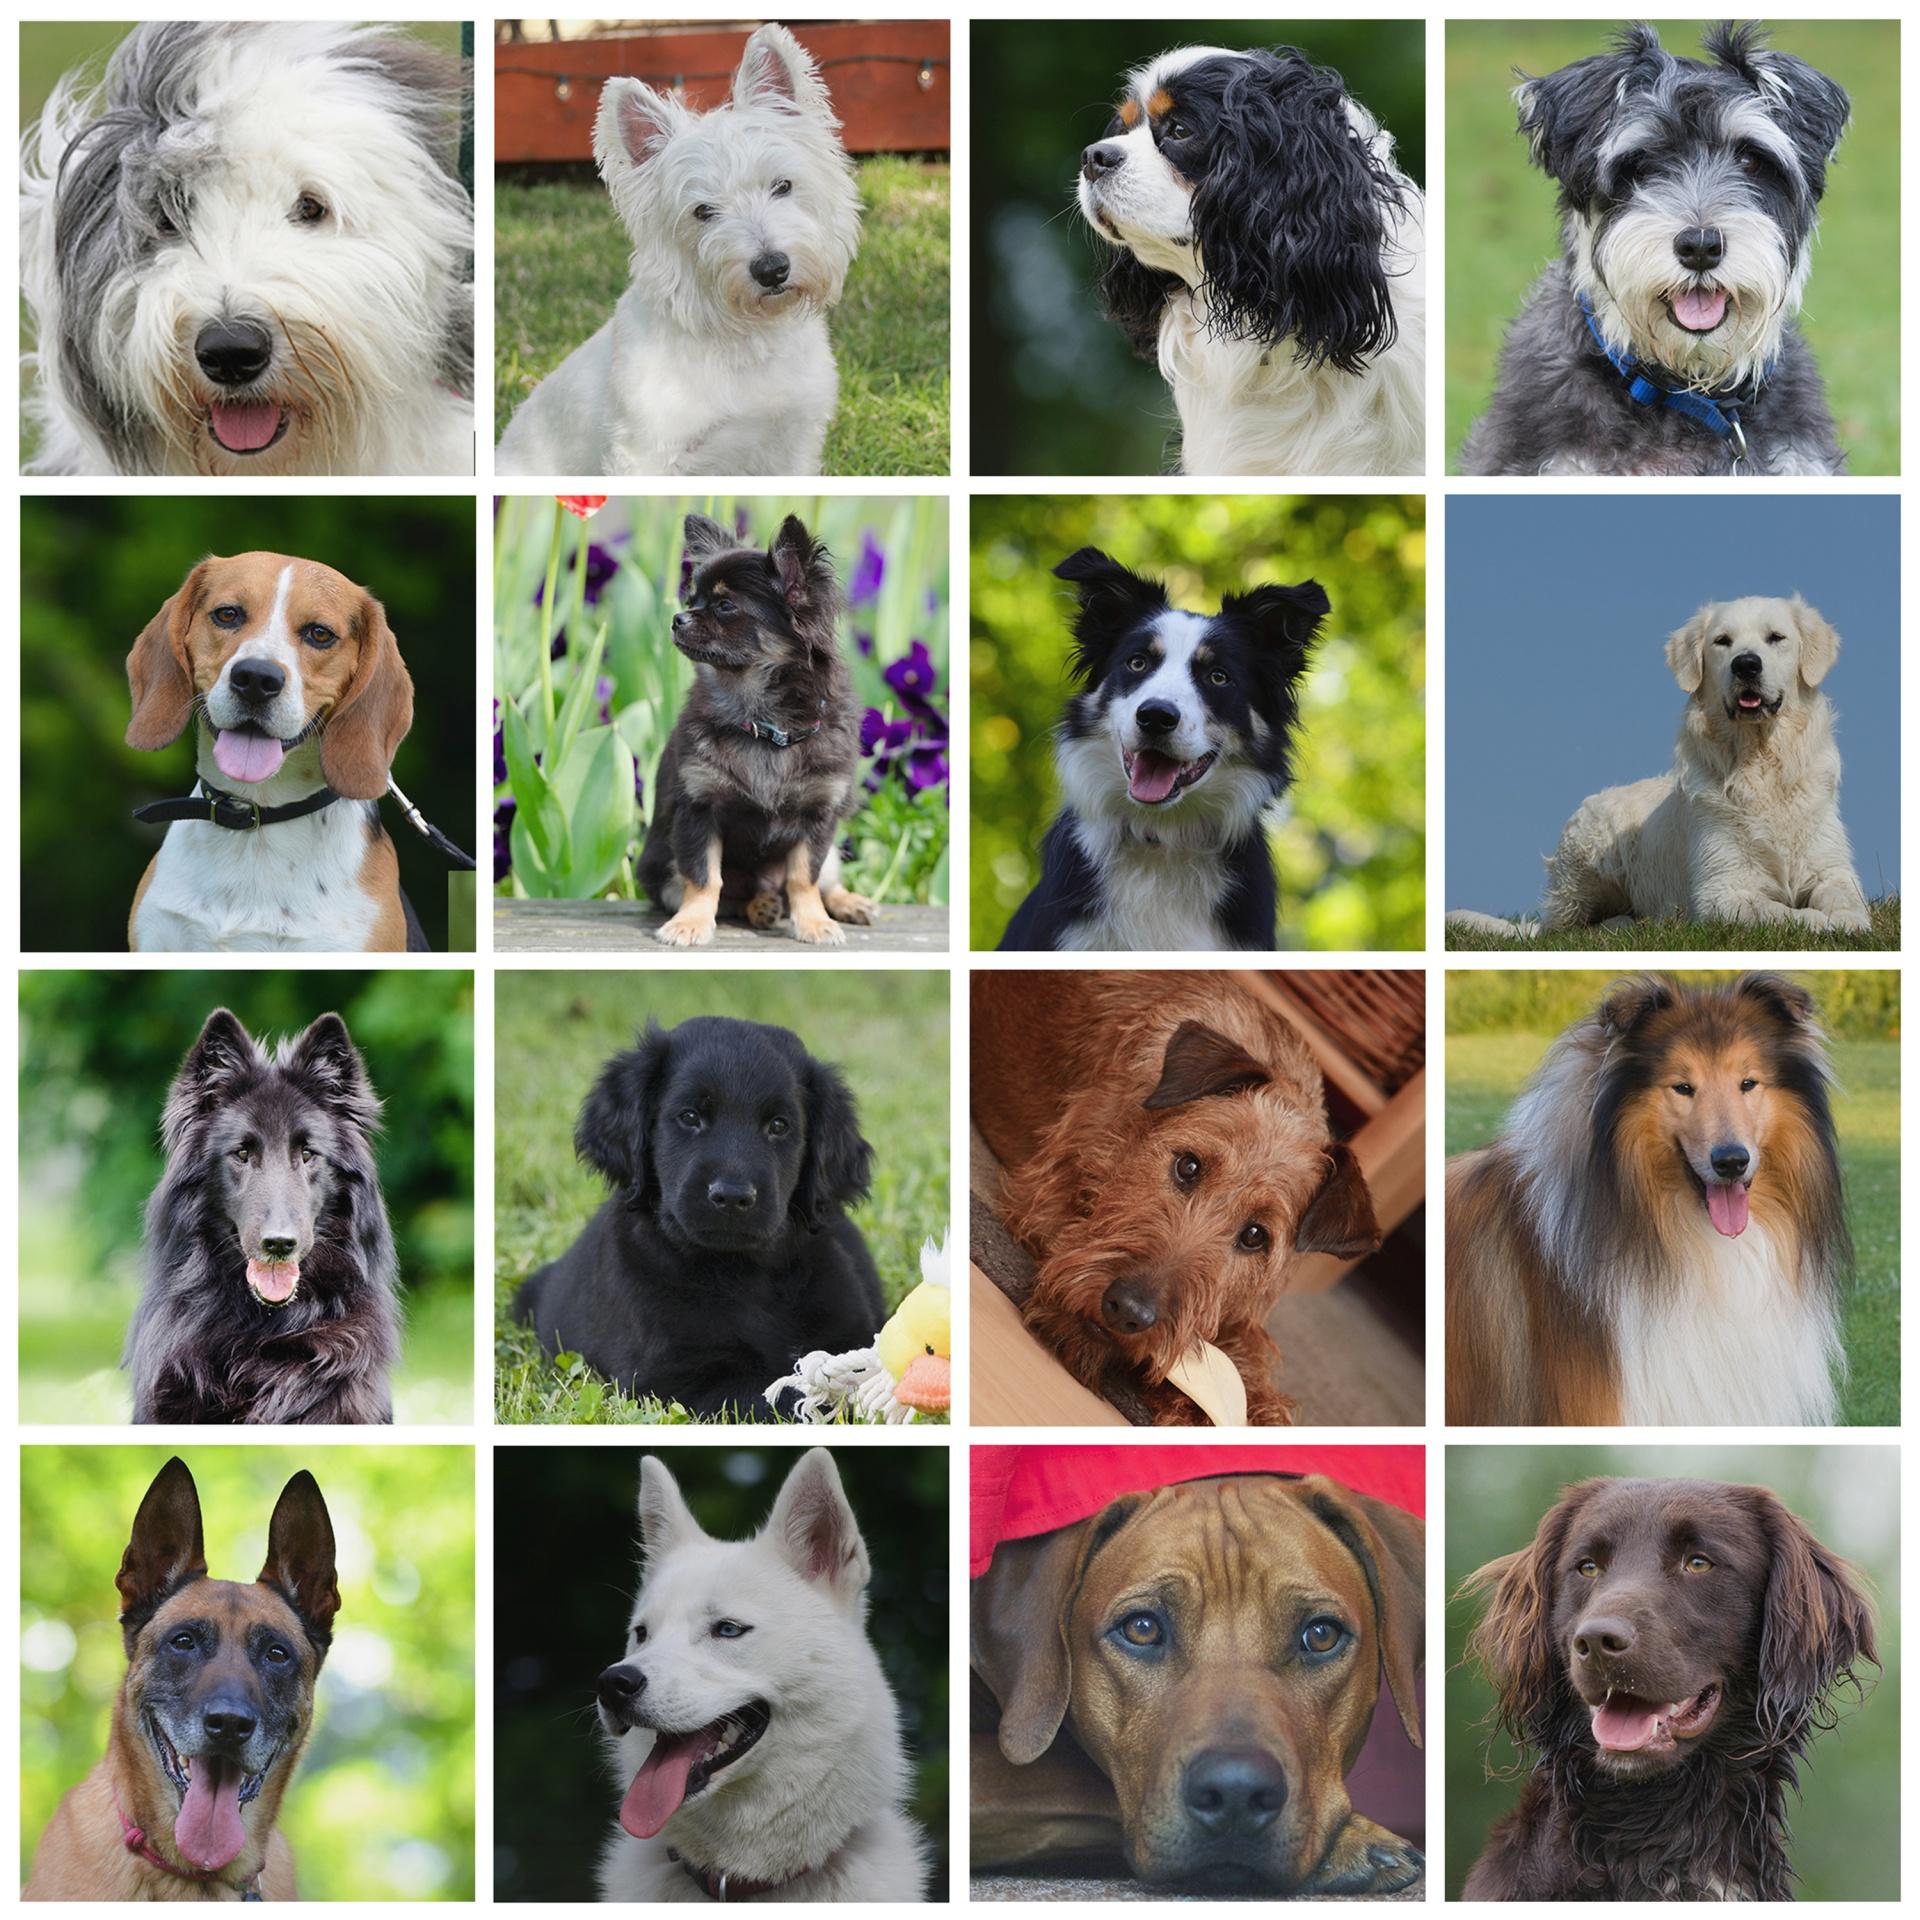 меня больно все породистые собаки с картинками присваивает каждой ячейке